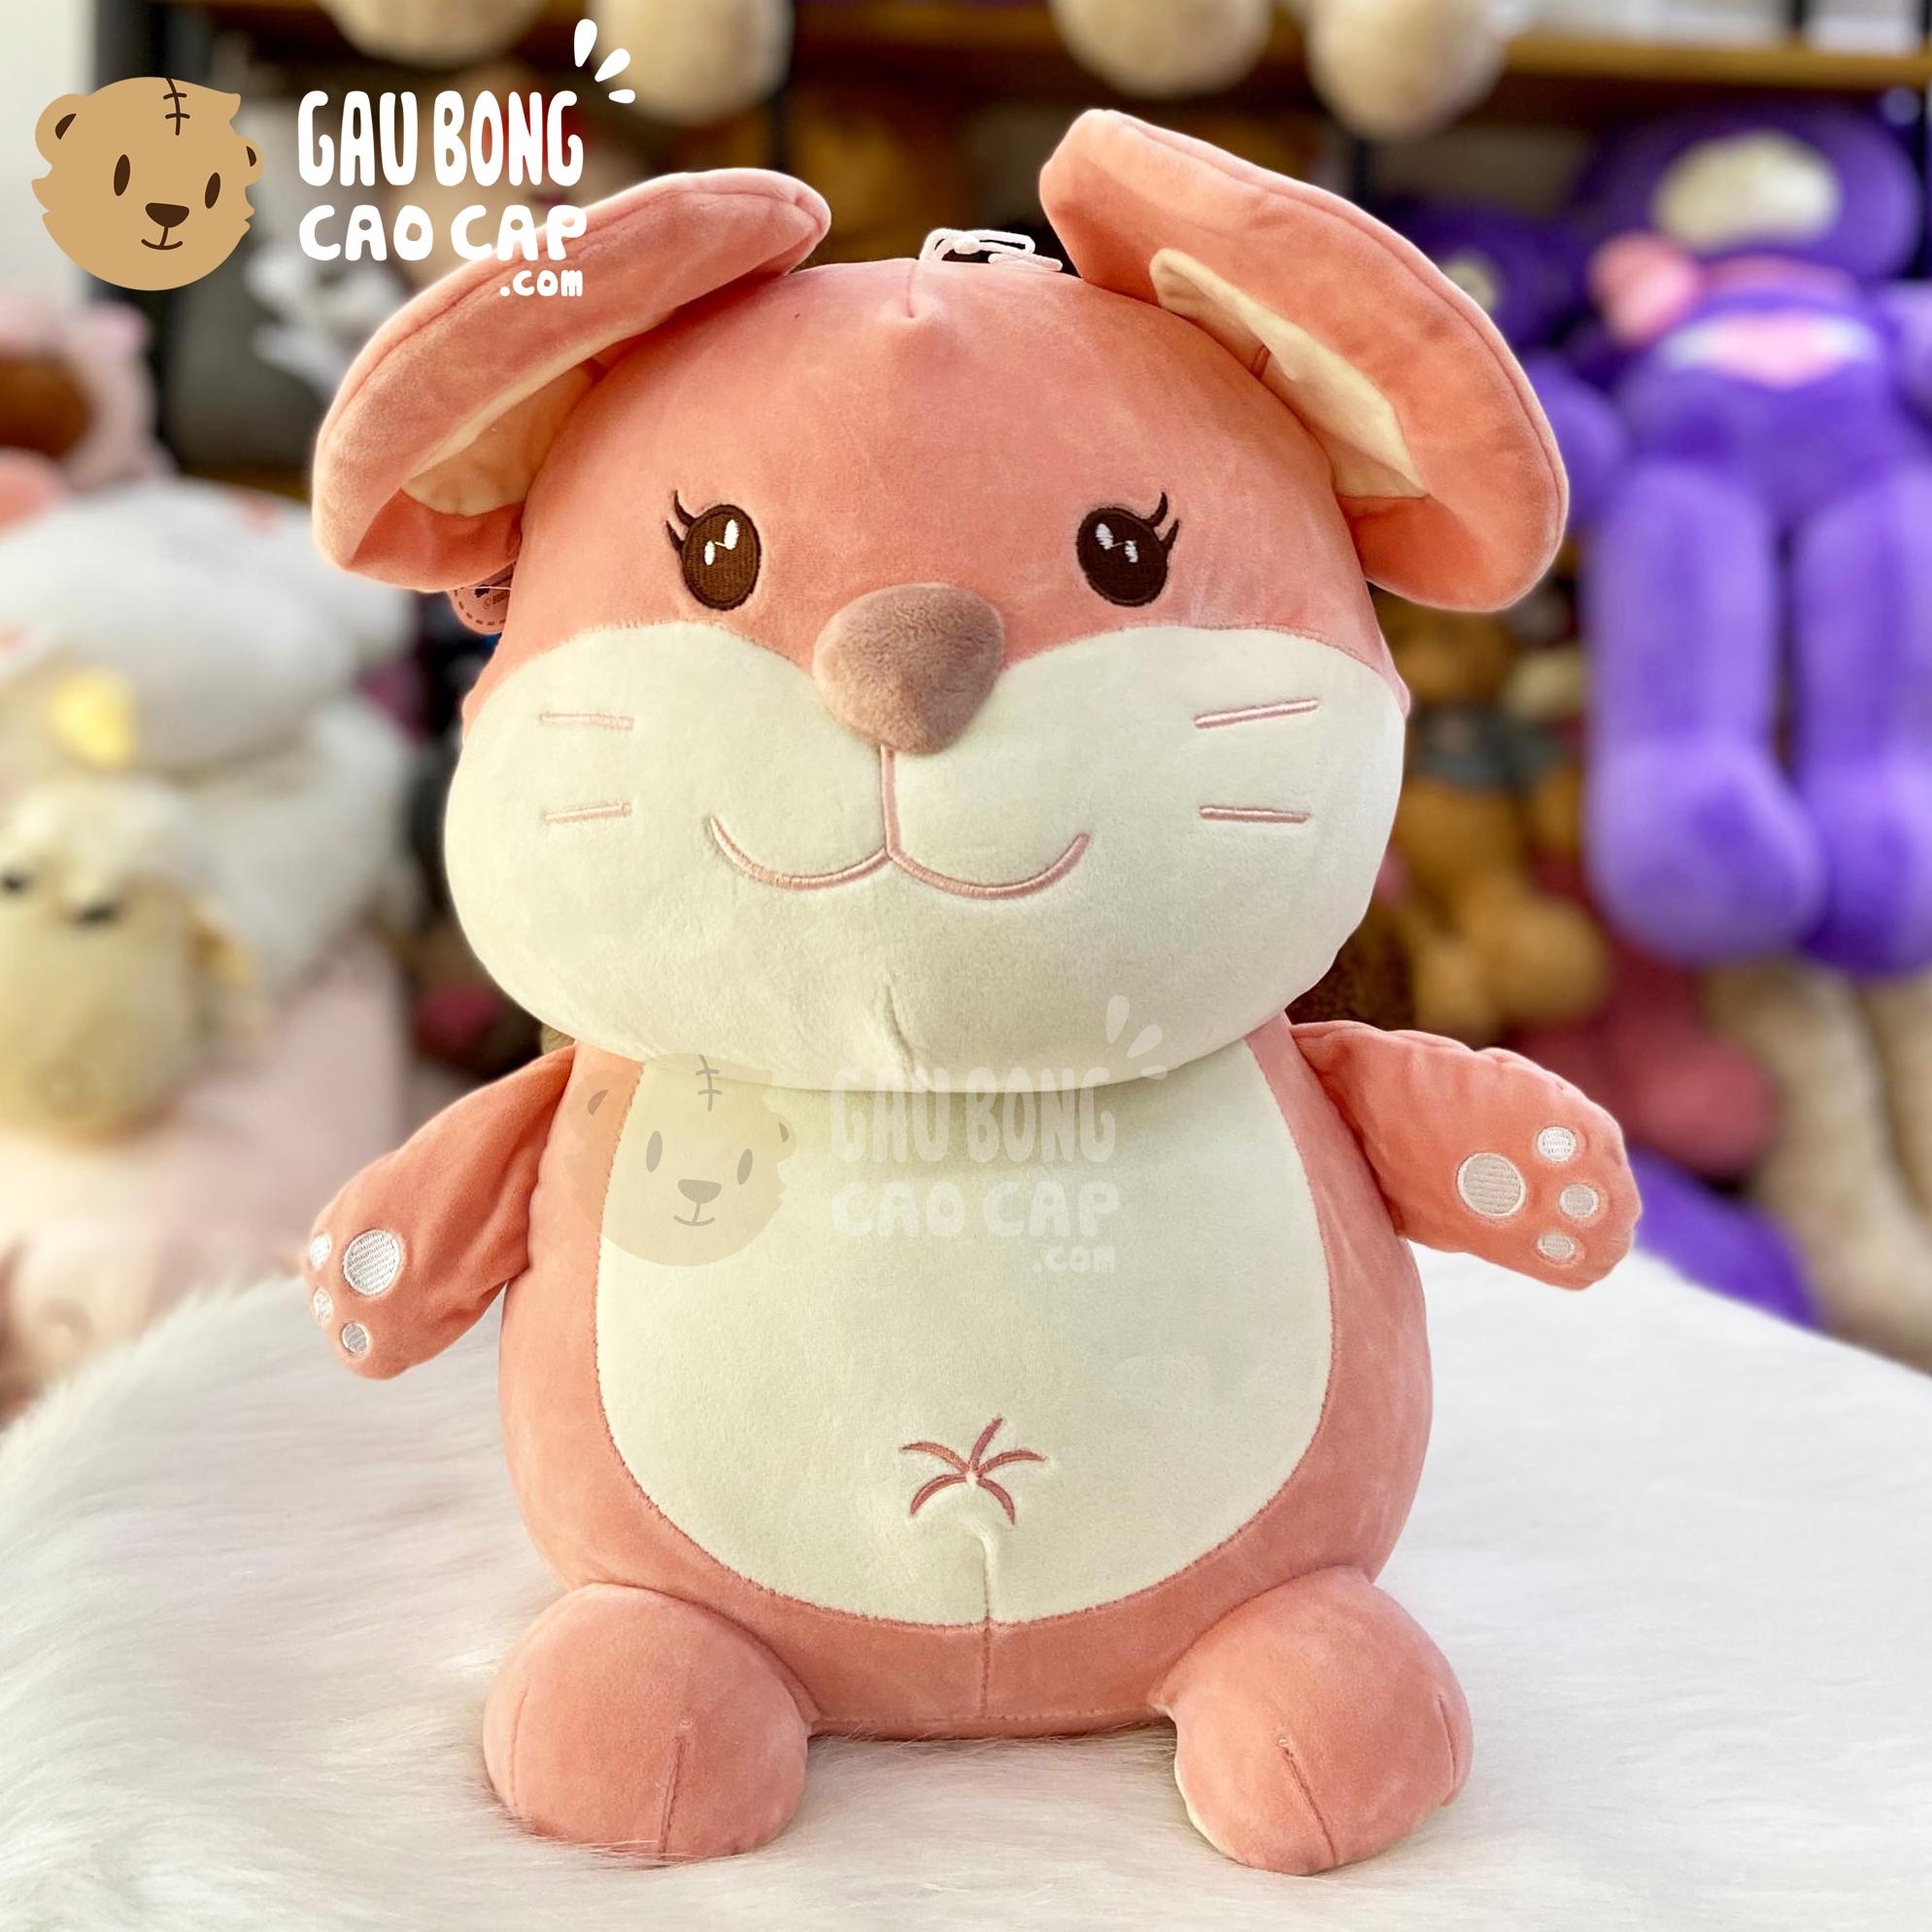 Chuột bông Baby ngồi lông mịn